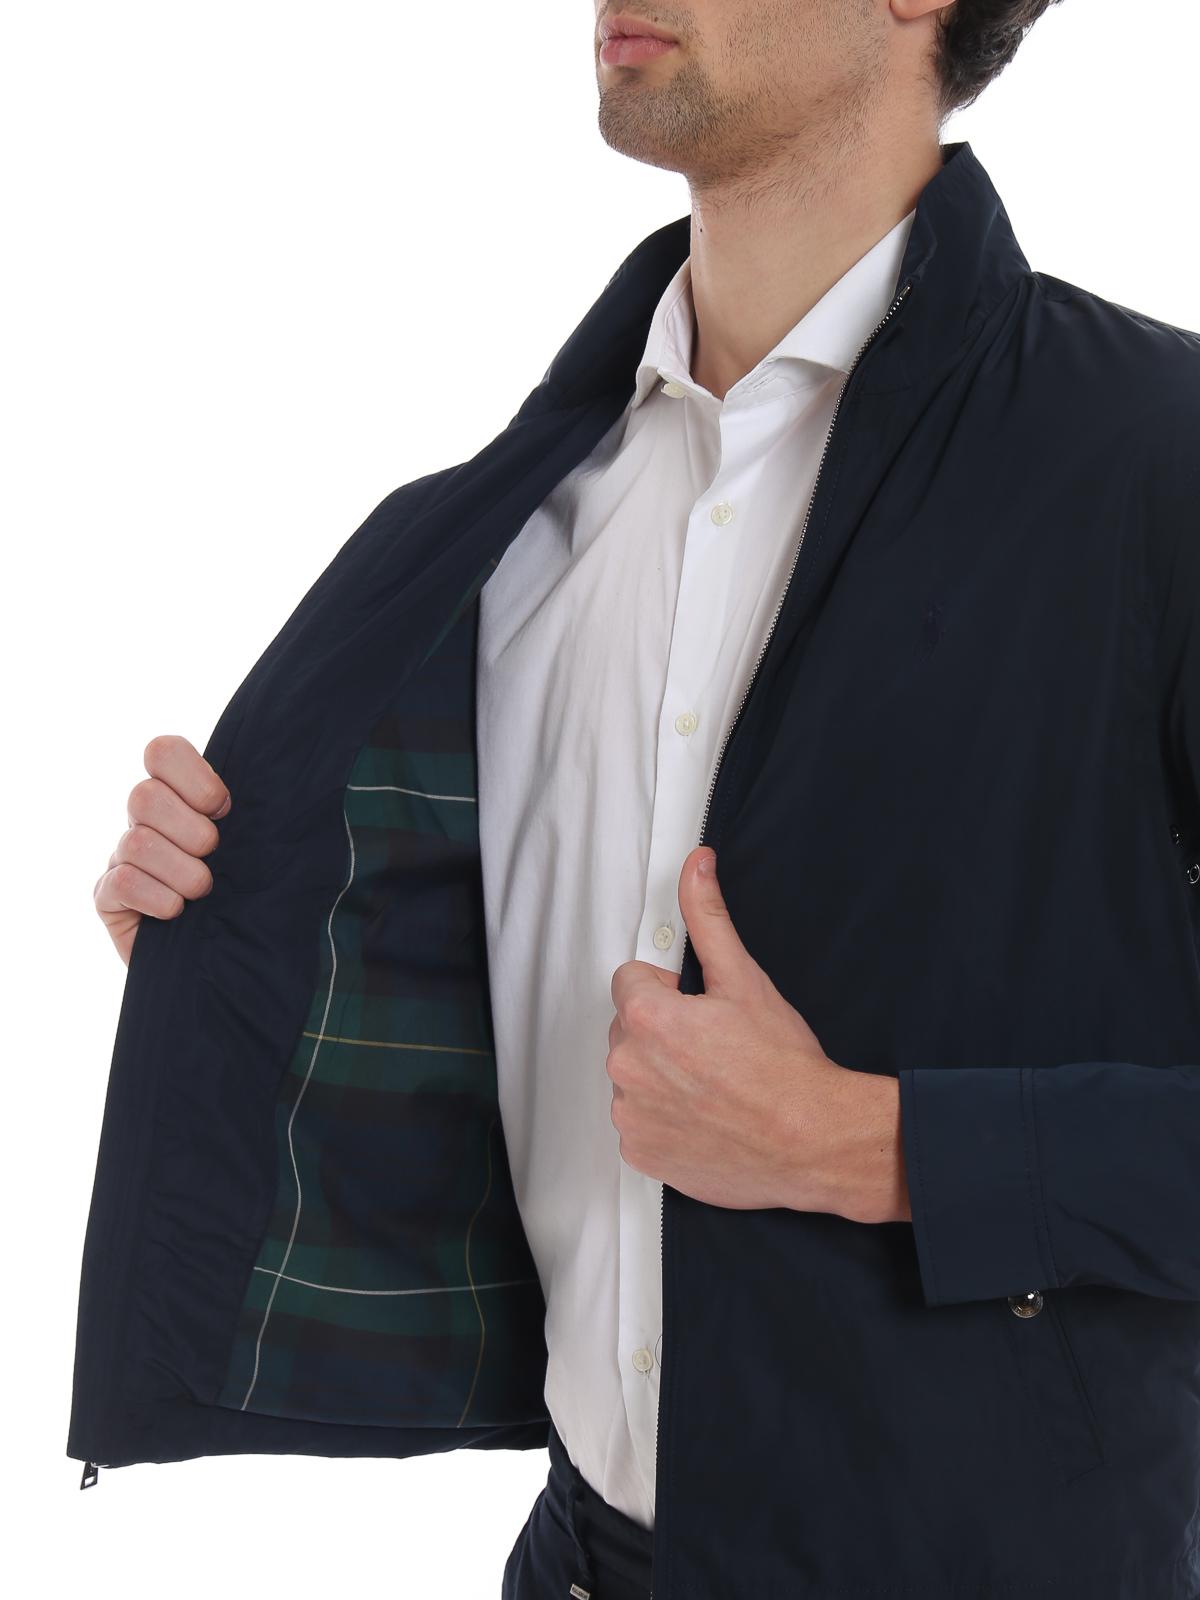 new products 193a5 3207e Polo Ralph Lauren - Giubbotto Surrey in tecno tessuto blu ...